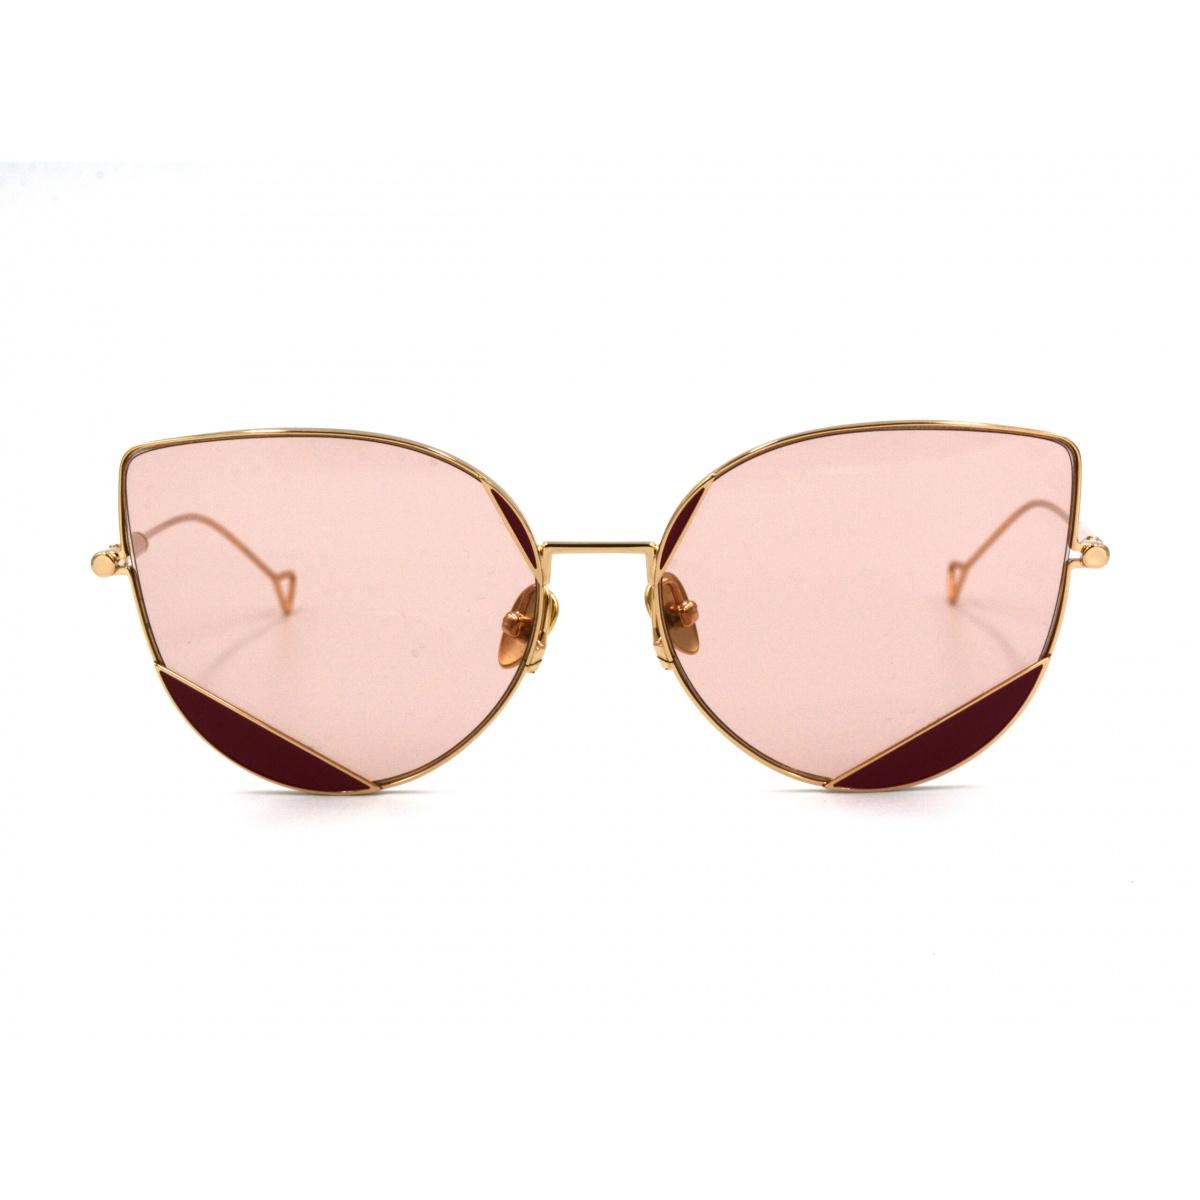 Γυαλιά ηλίου HAZE COLLECTION NOTT 1NU 57-17-145